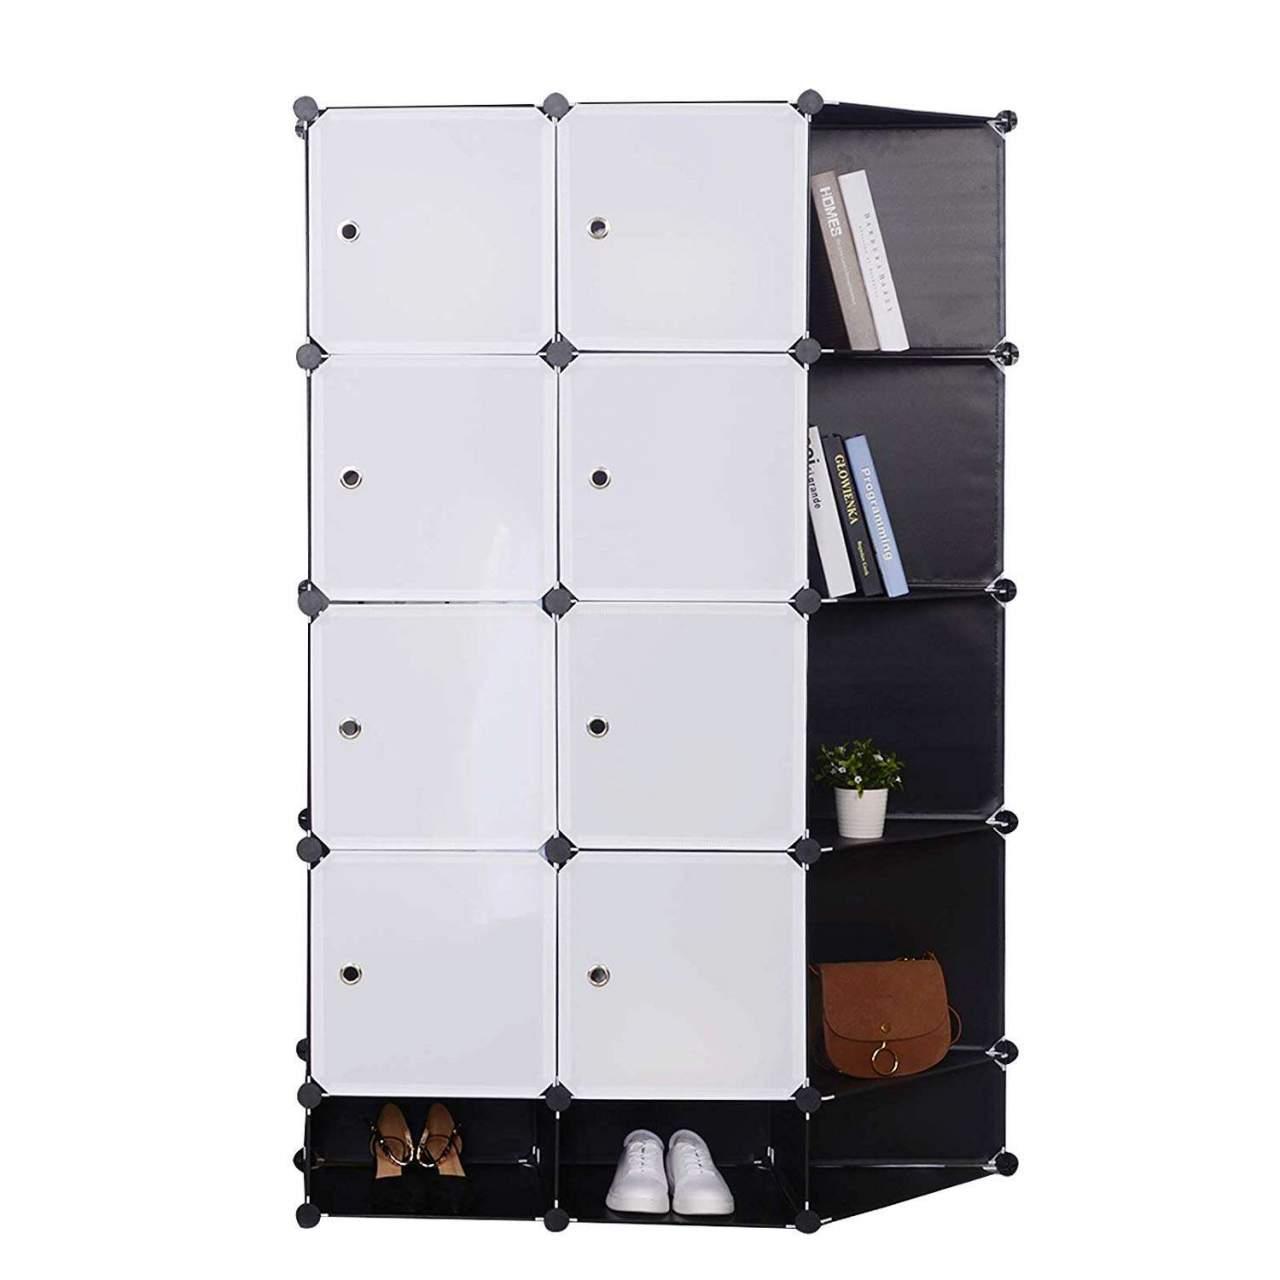 Kleiderschrank Garderobenschrank Steckregalsystem Bucherregal